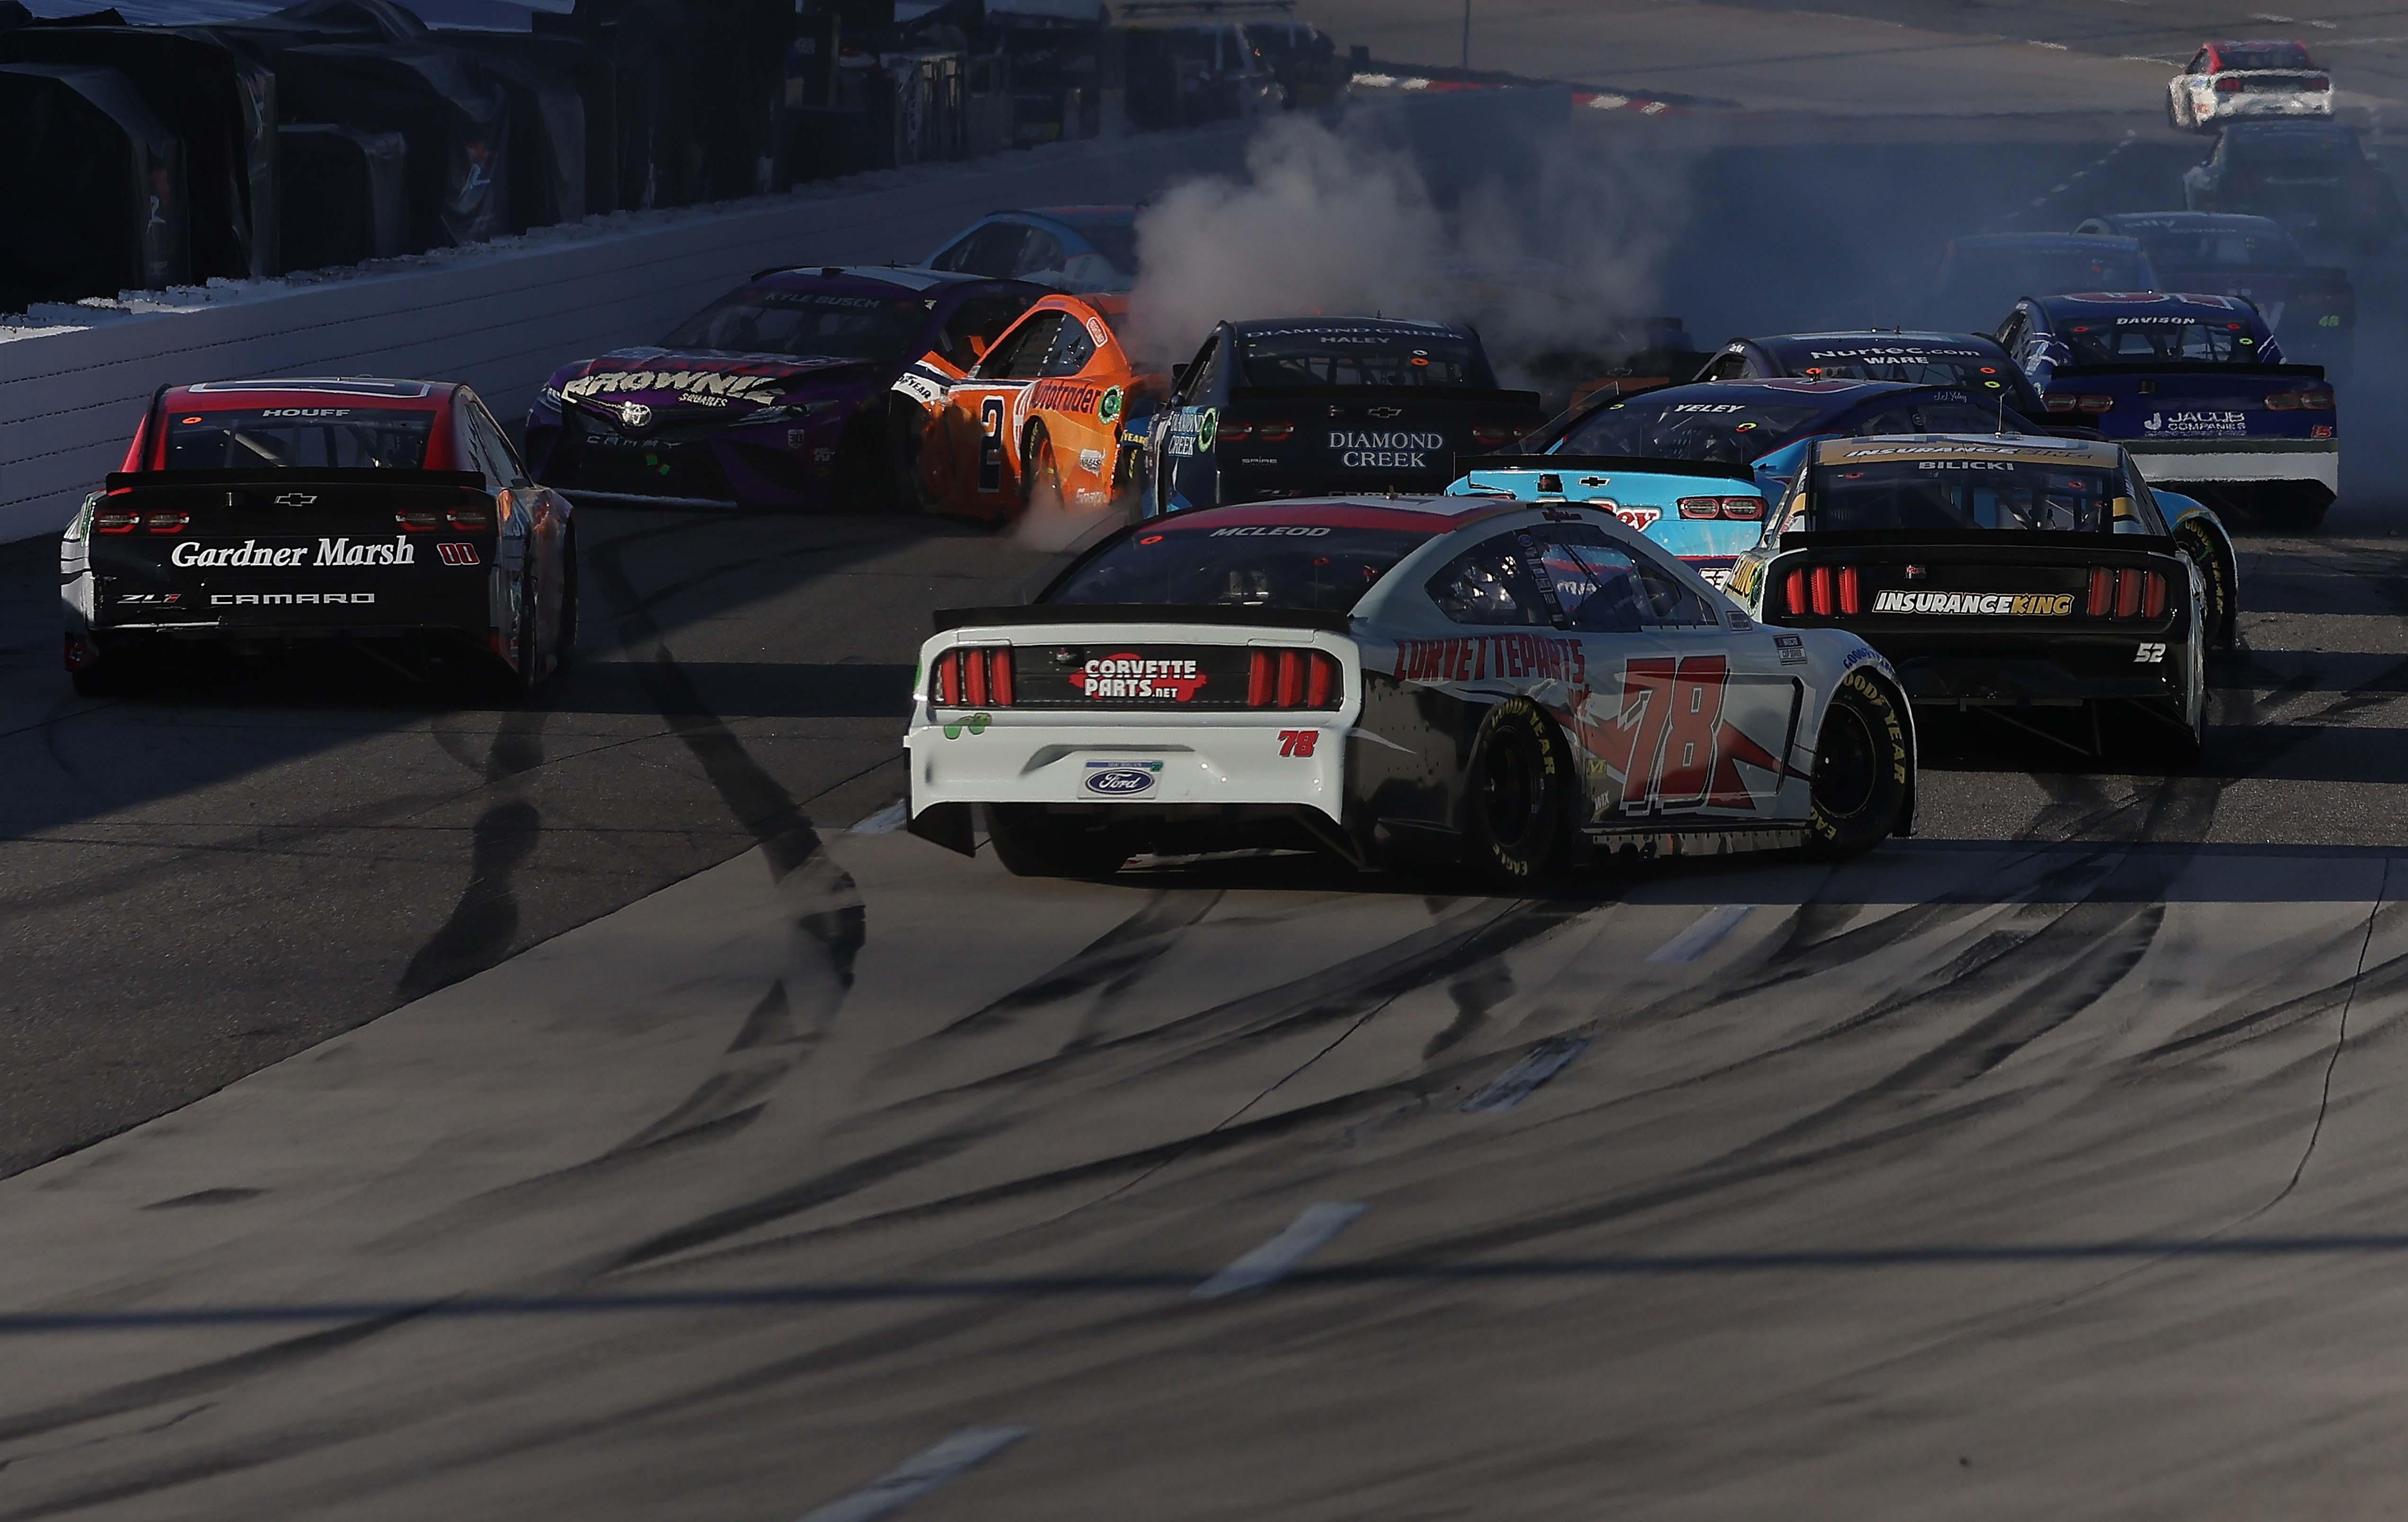 Big crash at Martinsville Speedway